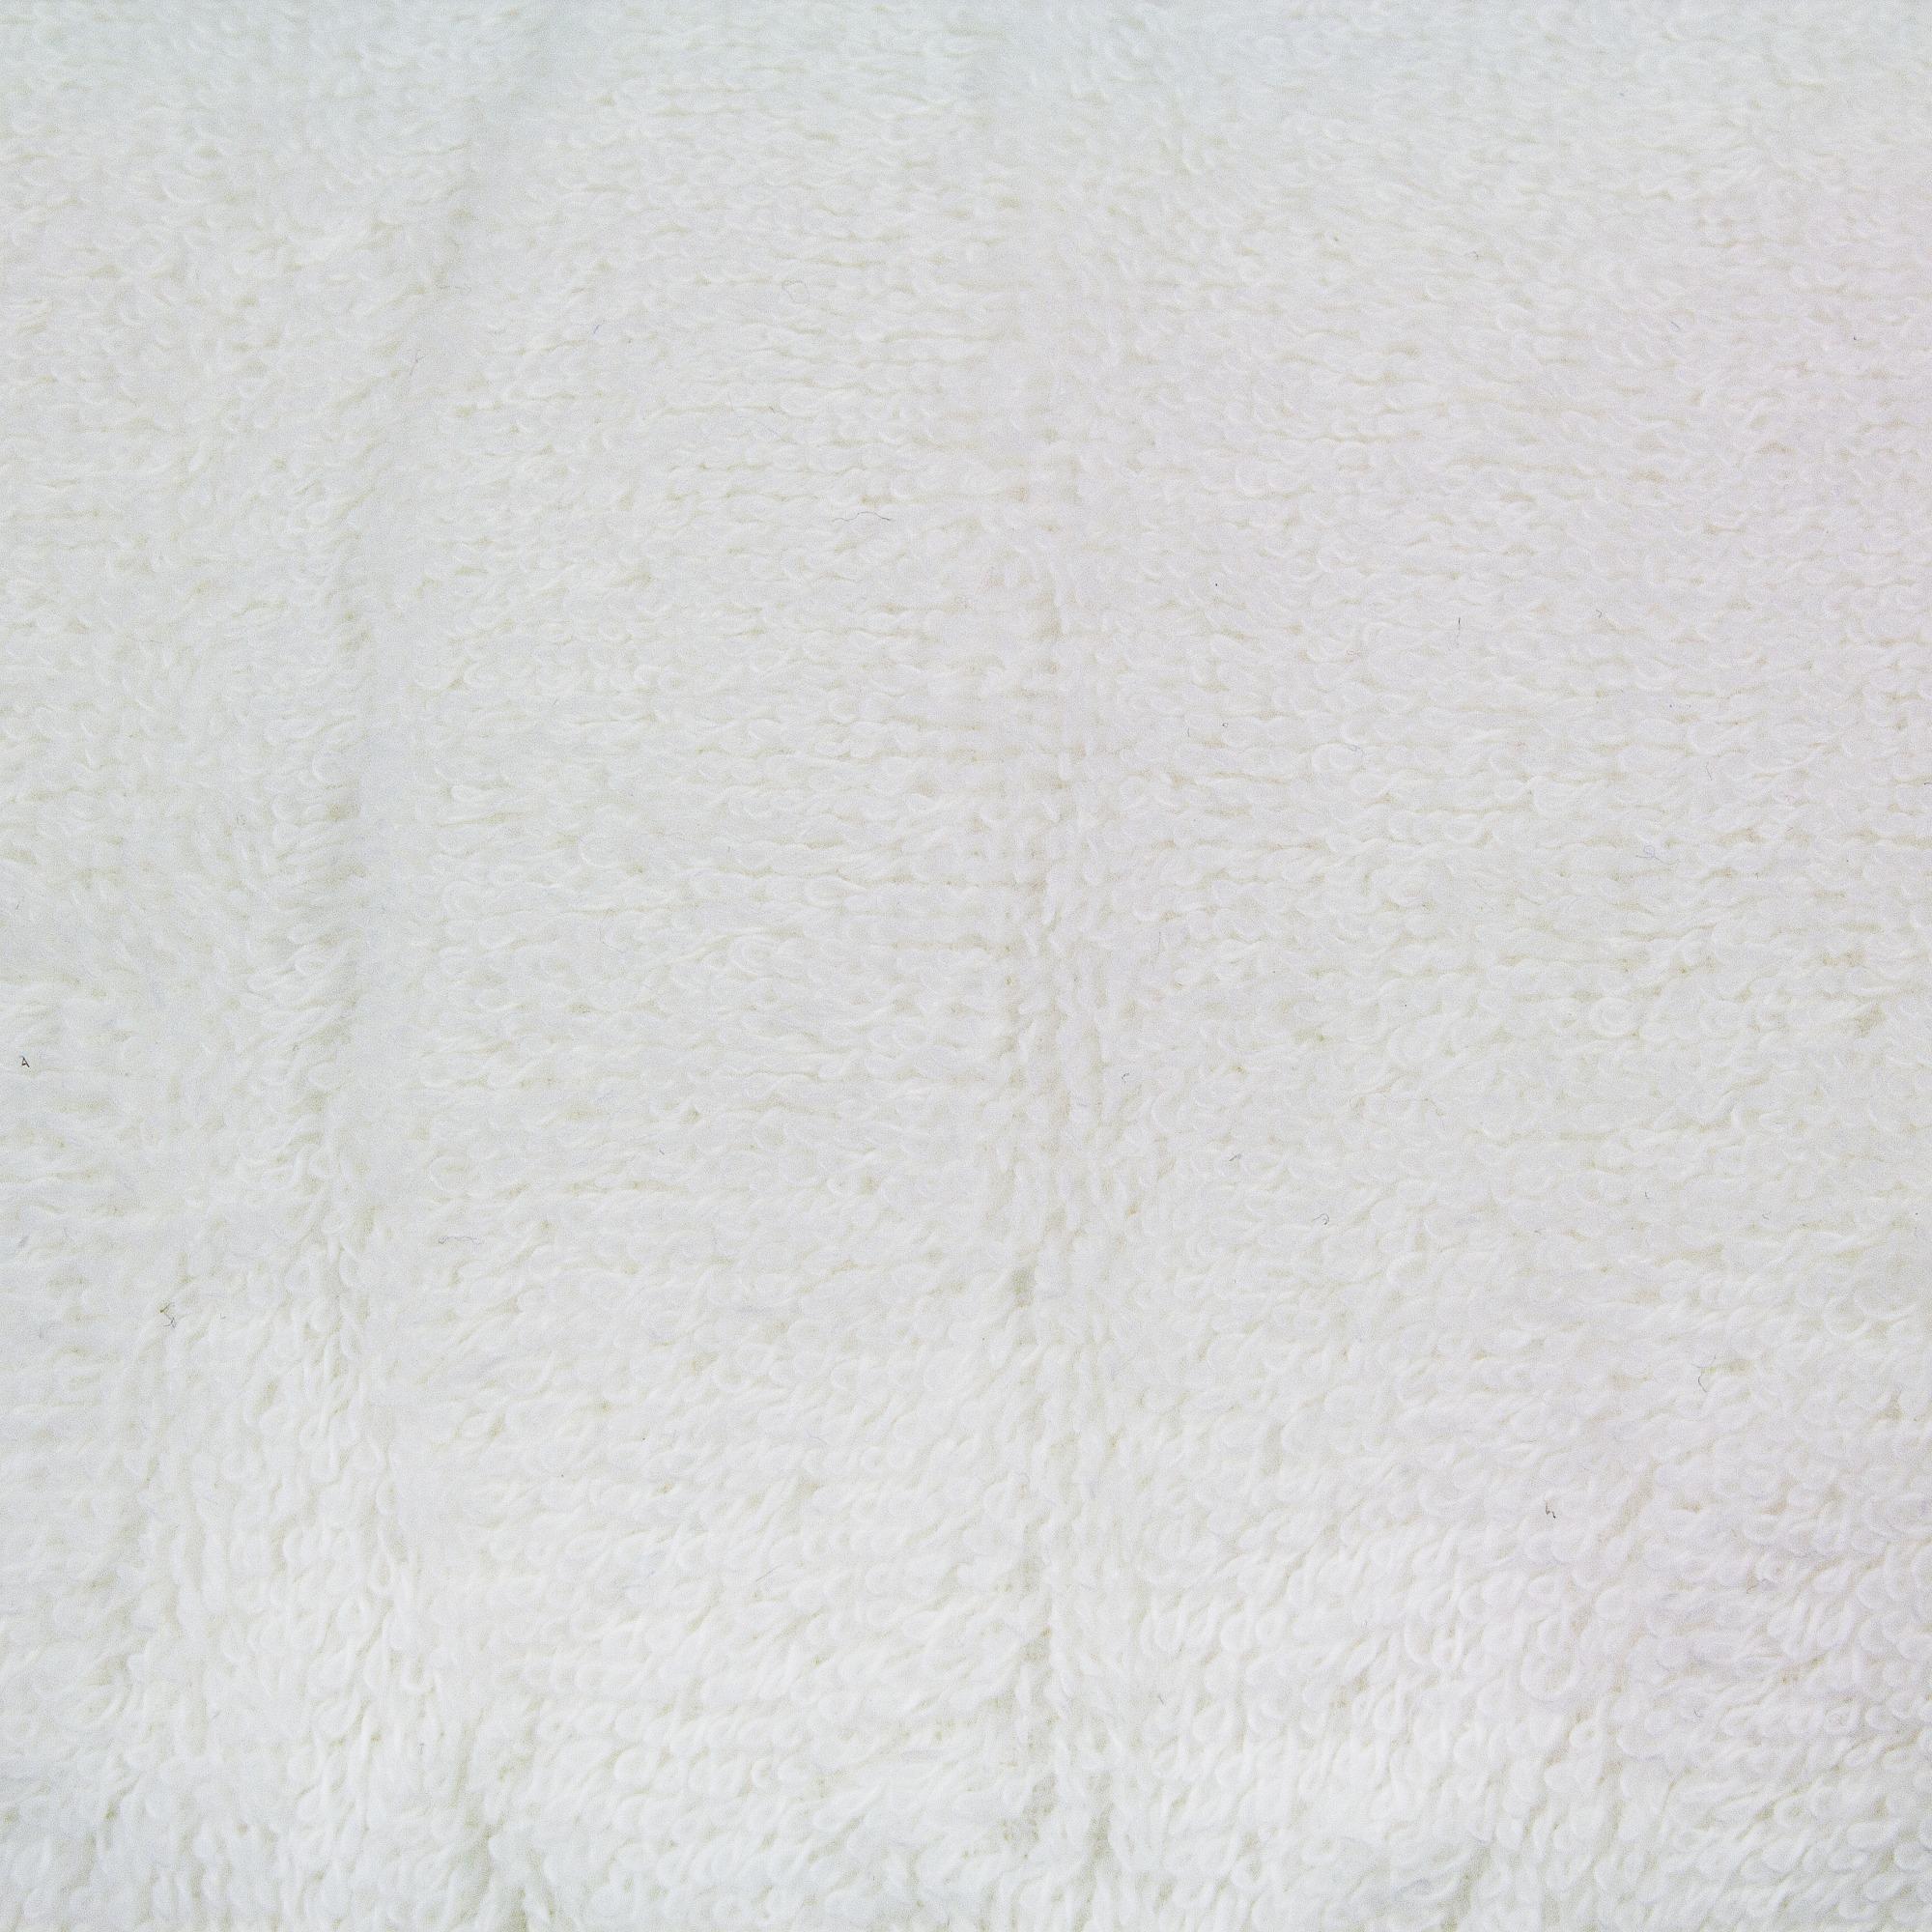 Toalha de Banho Artex Eternity 100 Algodao 80x150 cm Branca